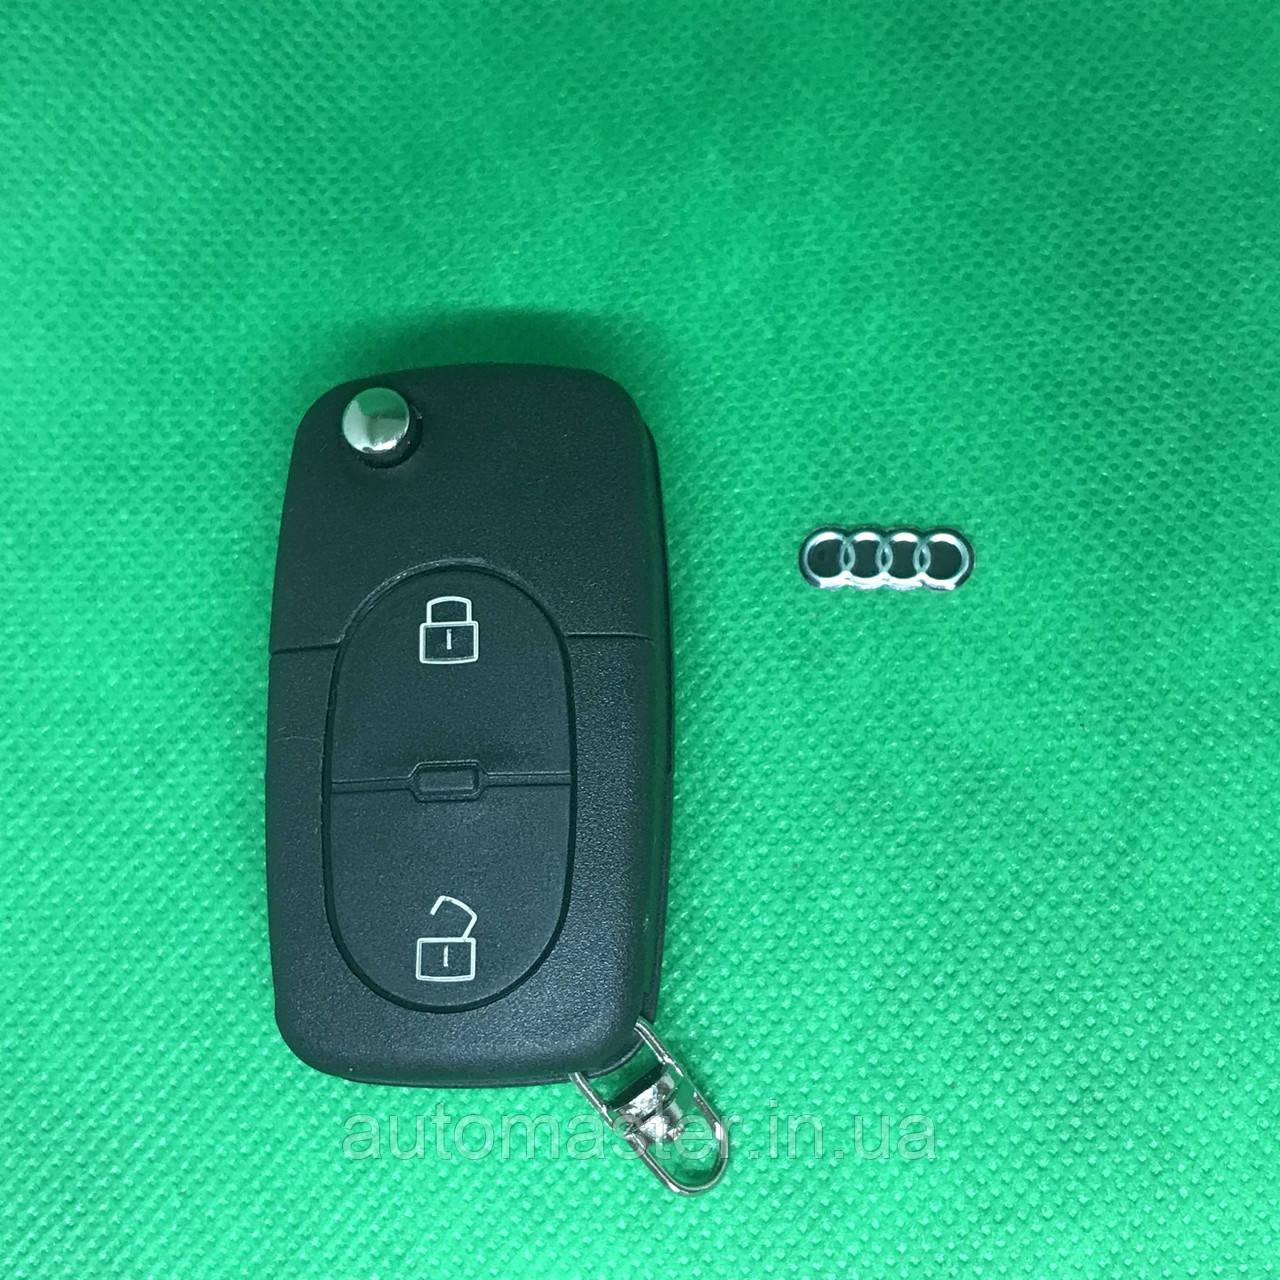 Корпус выкидного авто ключа для Audi A1, A2, A3, A4, TT (Ауди A1, A2, A3, A4, TT) 2 кнопки, лезвие HU66